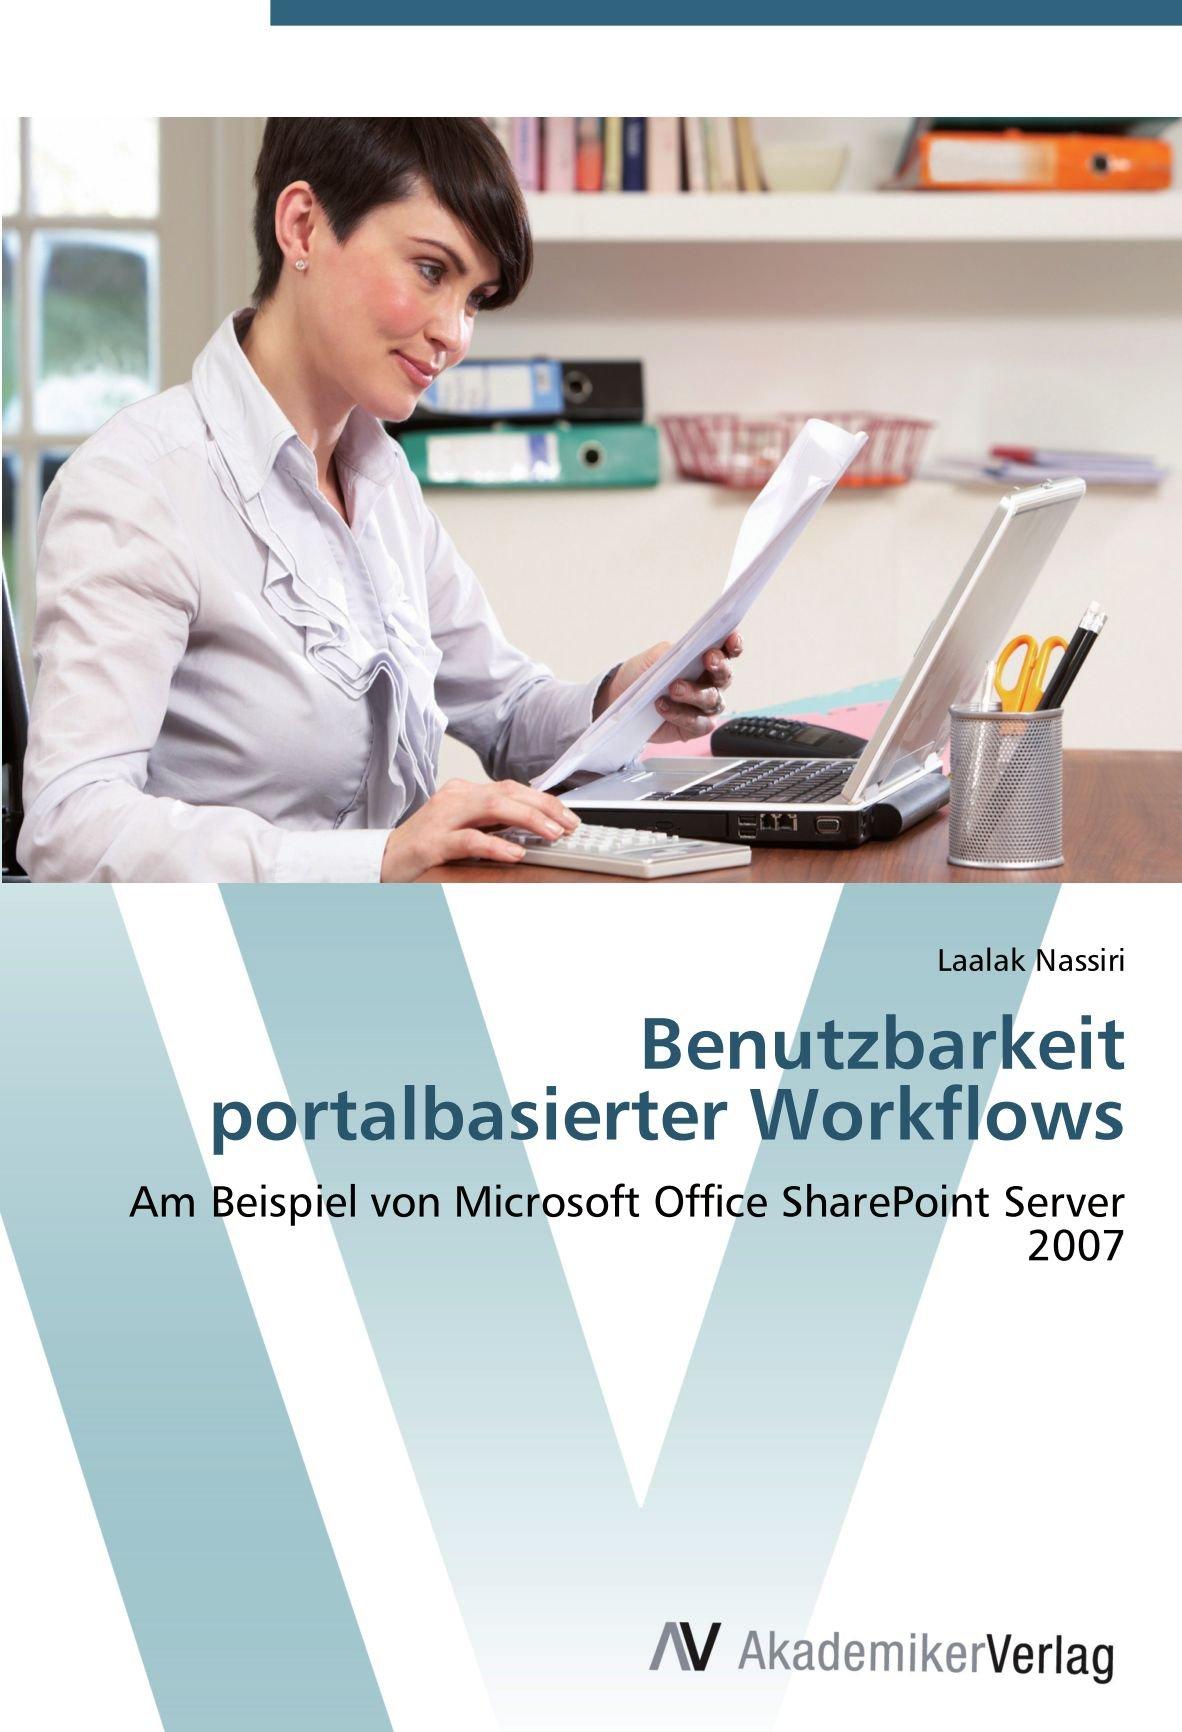 Benutzbarkeit portalbasierter Workflows: Am Beispiel von Microsoft Office SharePoint Server 2007 (German Edition)